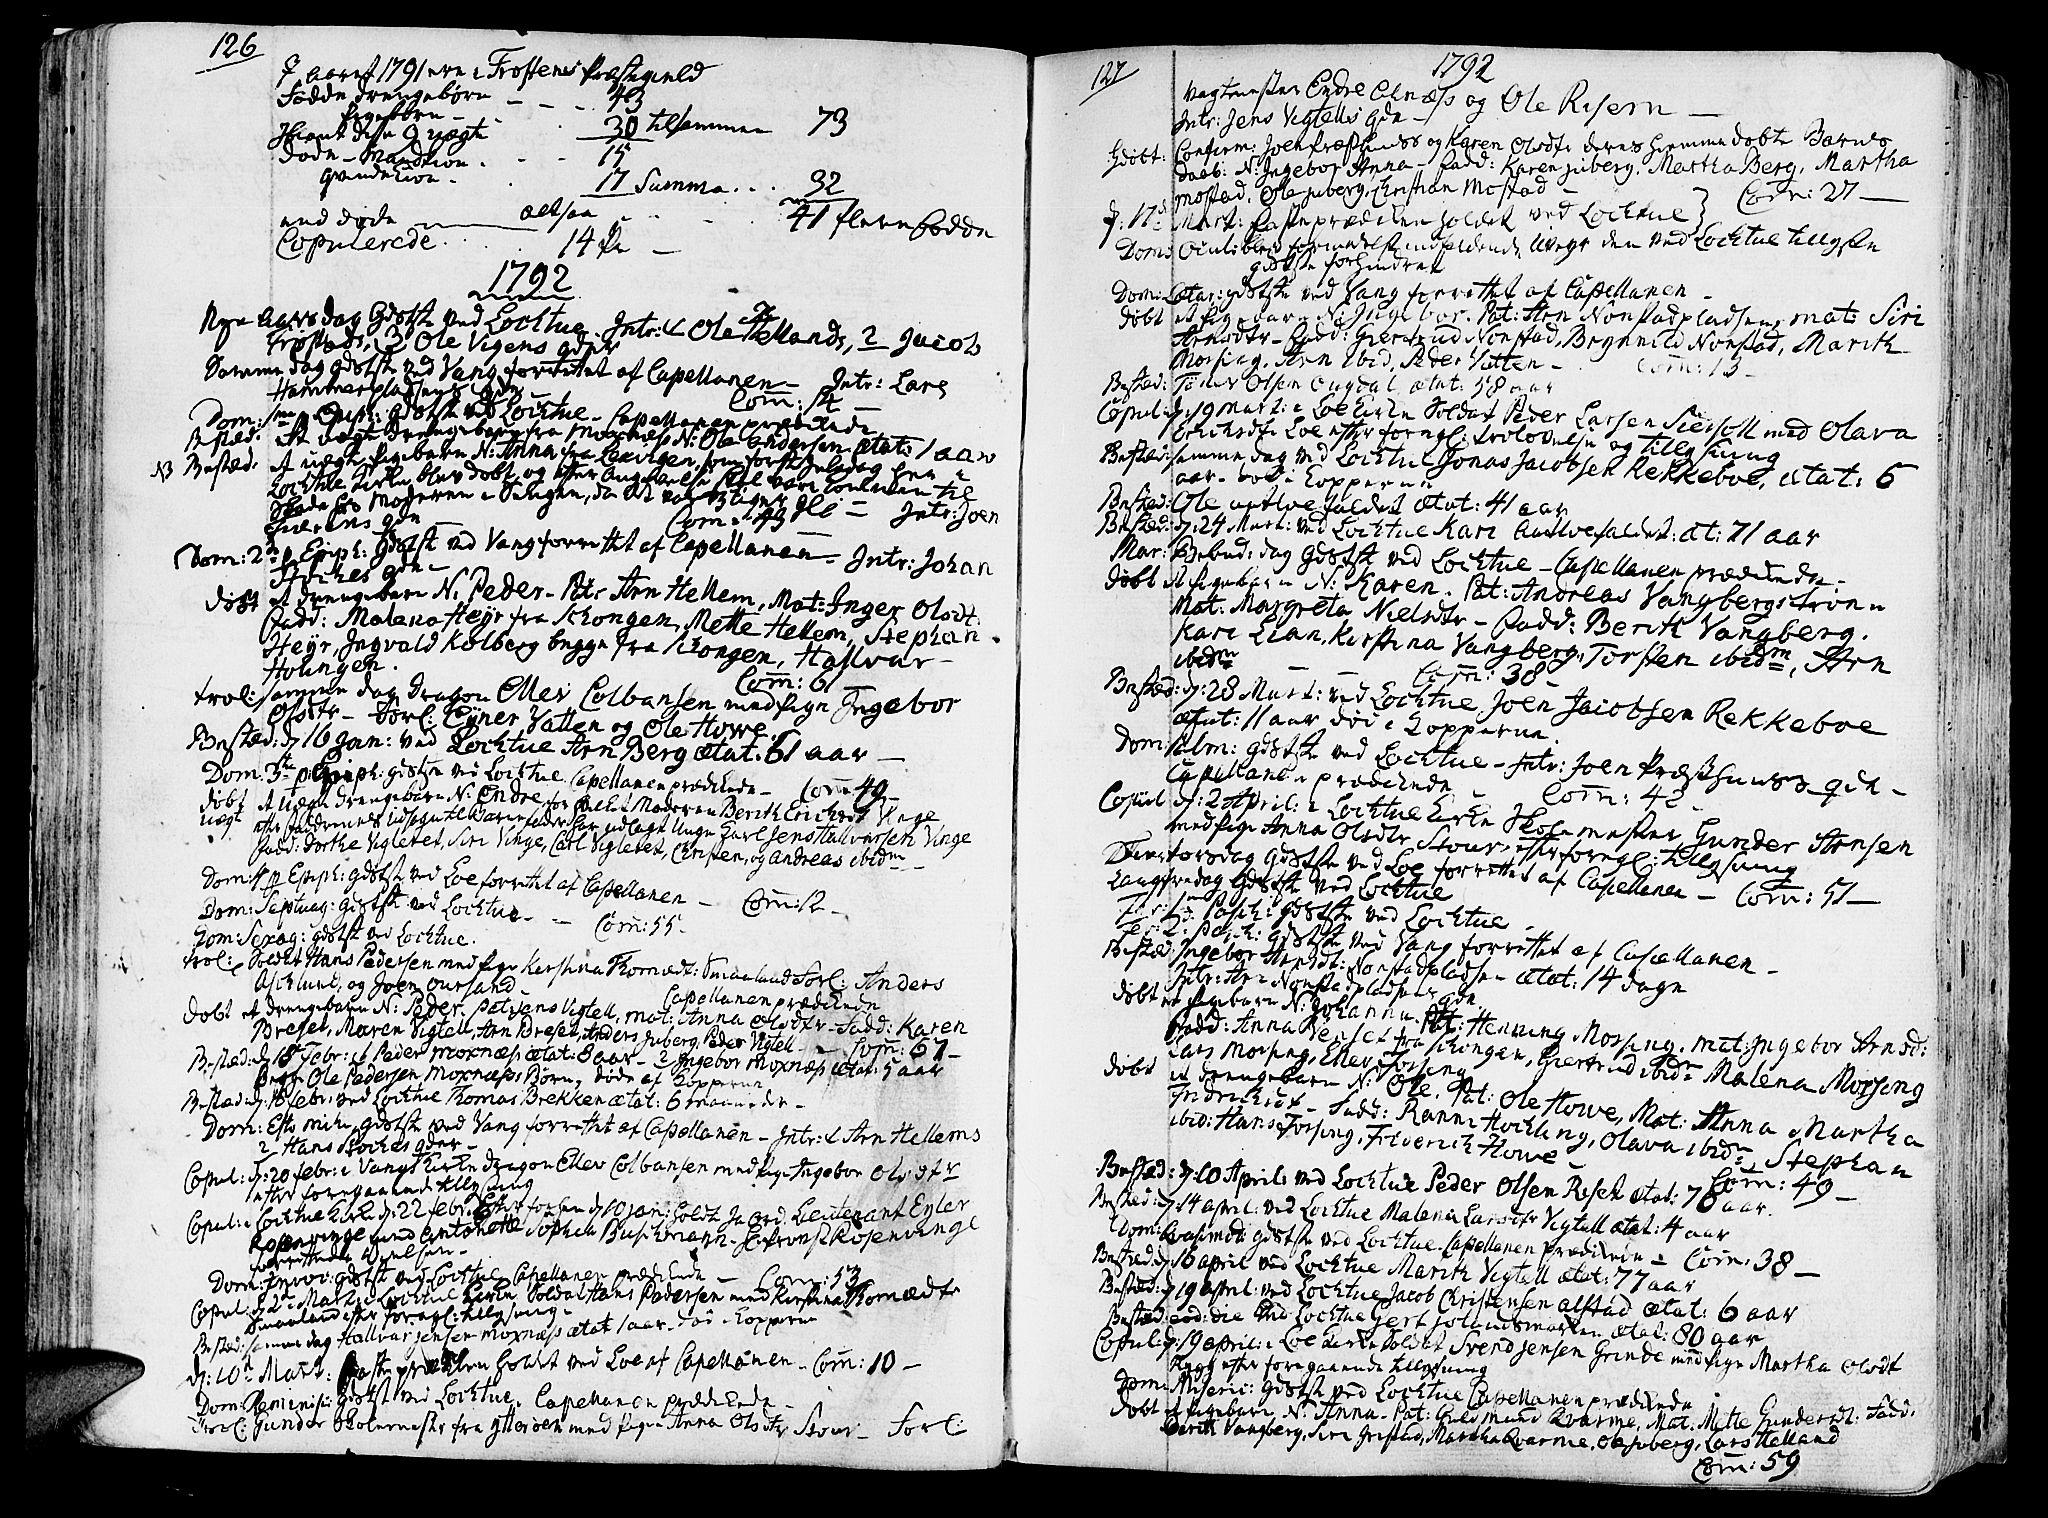 SAT, Ministerialprotokoller, klokkerbøker og fødselsregistre - Nord-Trøndelag, 713/L0110: Ministerialbok nr. 713A02, 1778-1811, s. 126-127